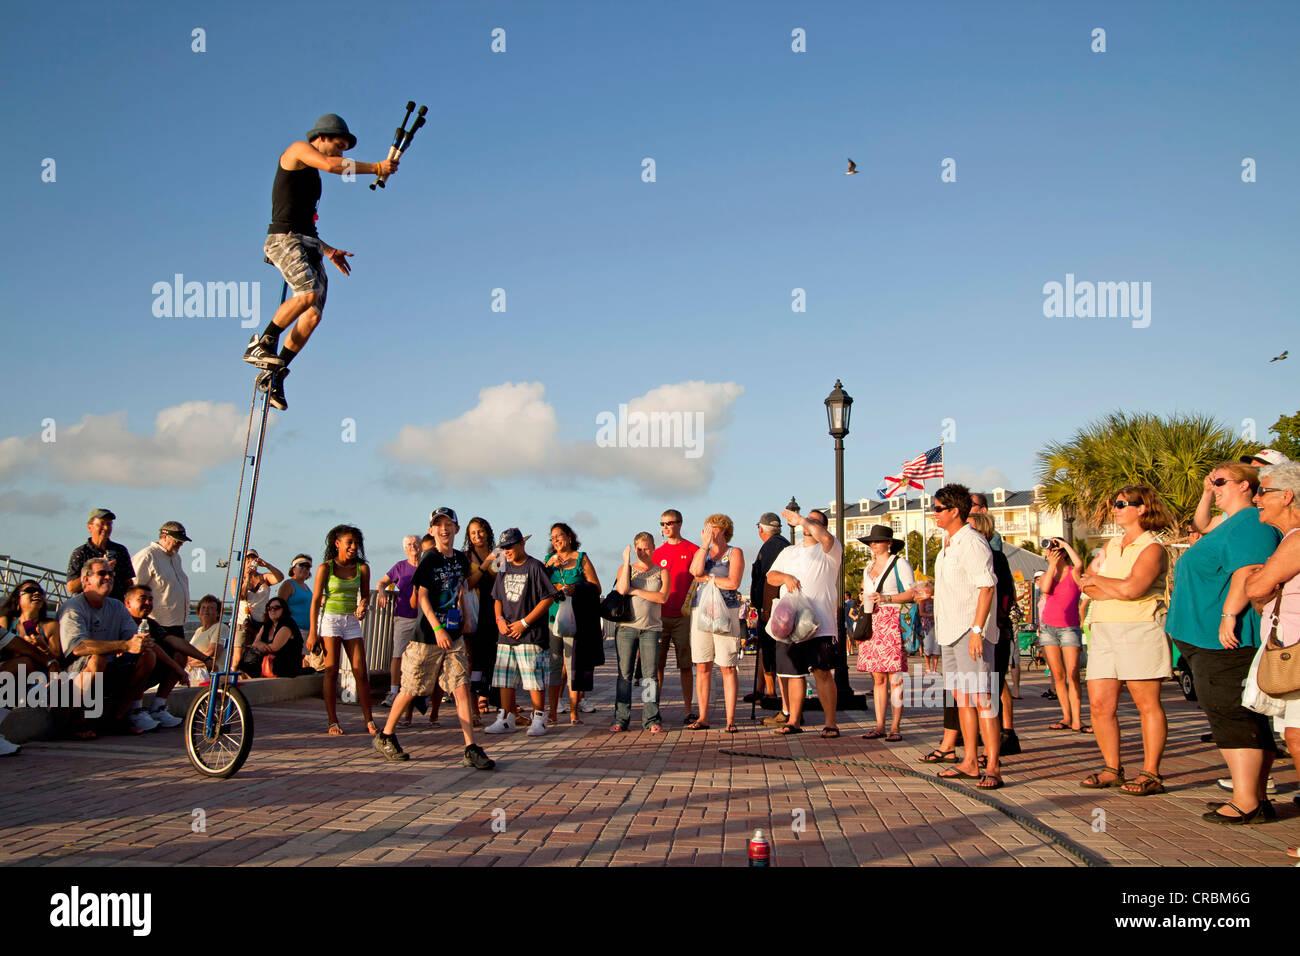 Los artistas callejeros y espectadores en Mallory Square en Key West, Florida Keys, Florida, EE.UU. Foto de stock